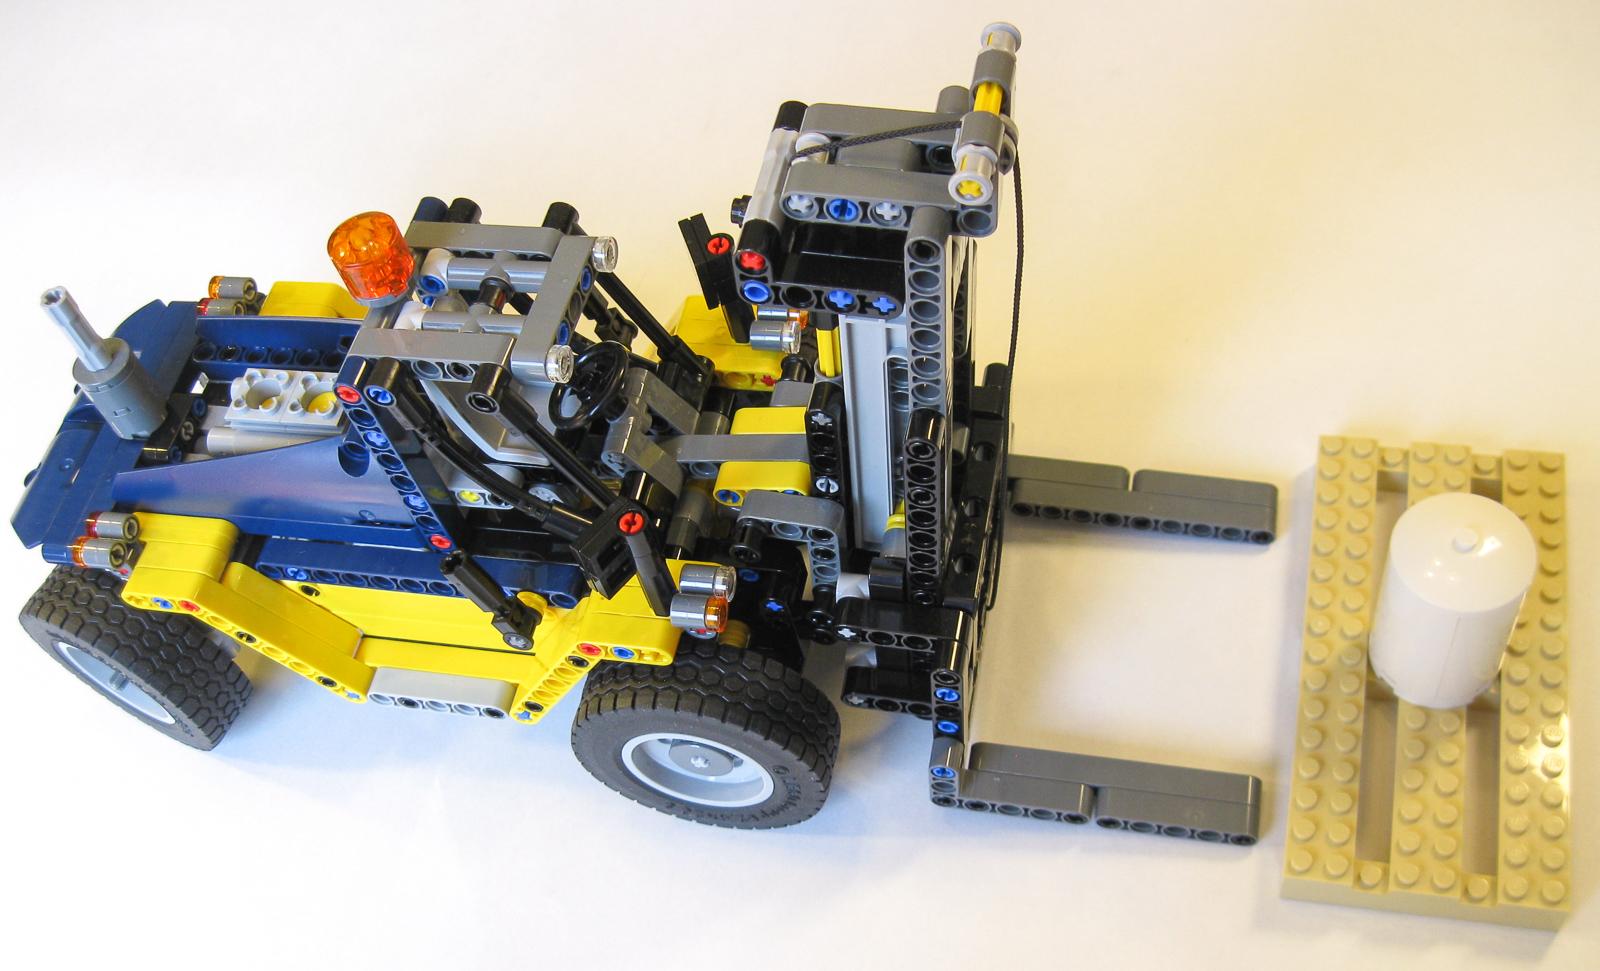 ʀᴇᴠɪᴇᴡ: #42079 Heavy Duty Forklift - BRICK ARCHITECT